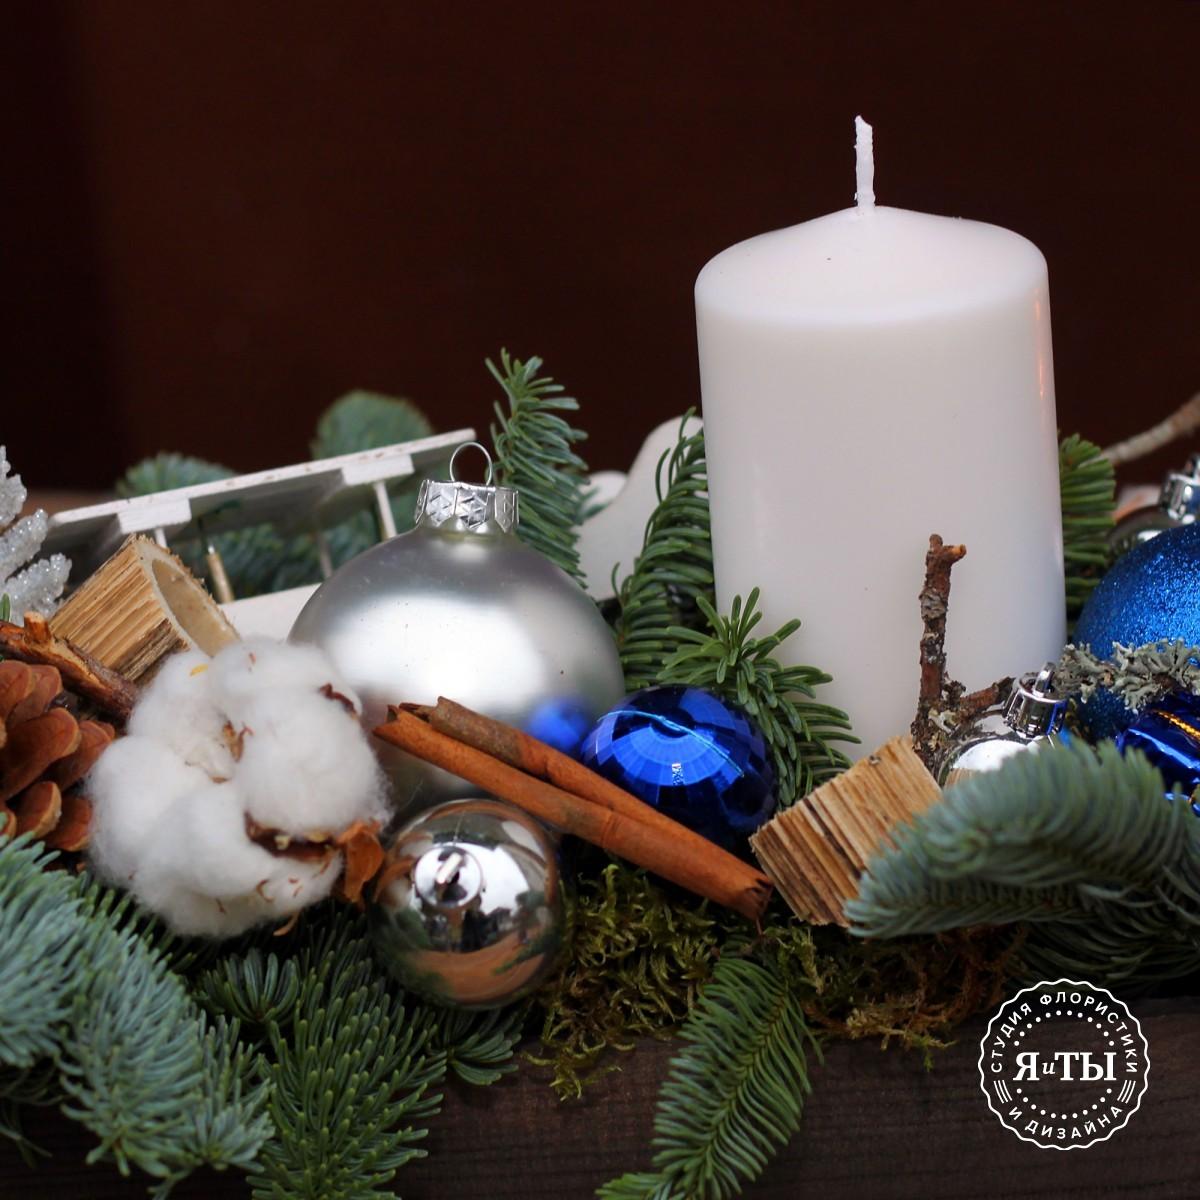 Бело-синяя композиция со свечой и санками